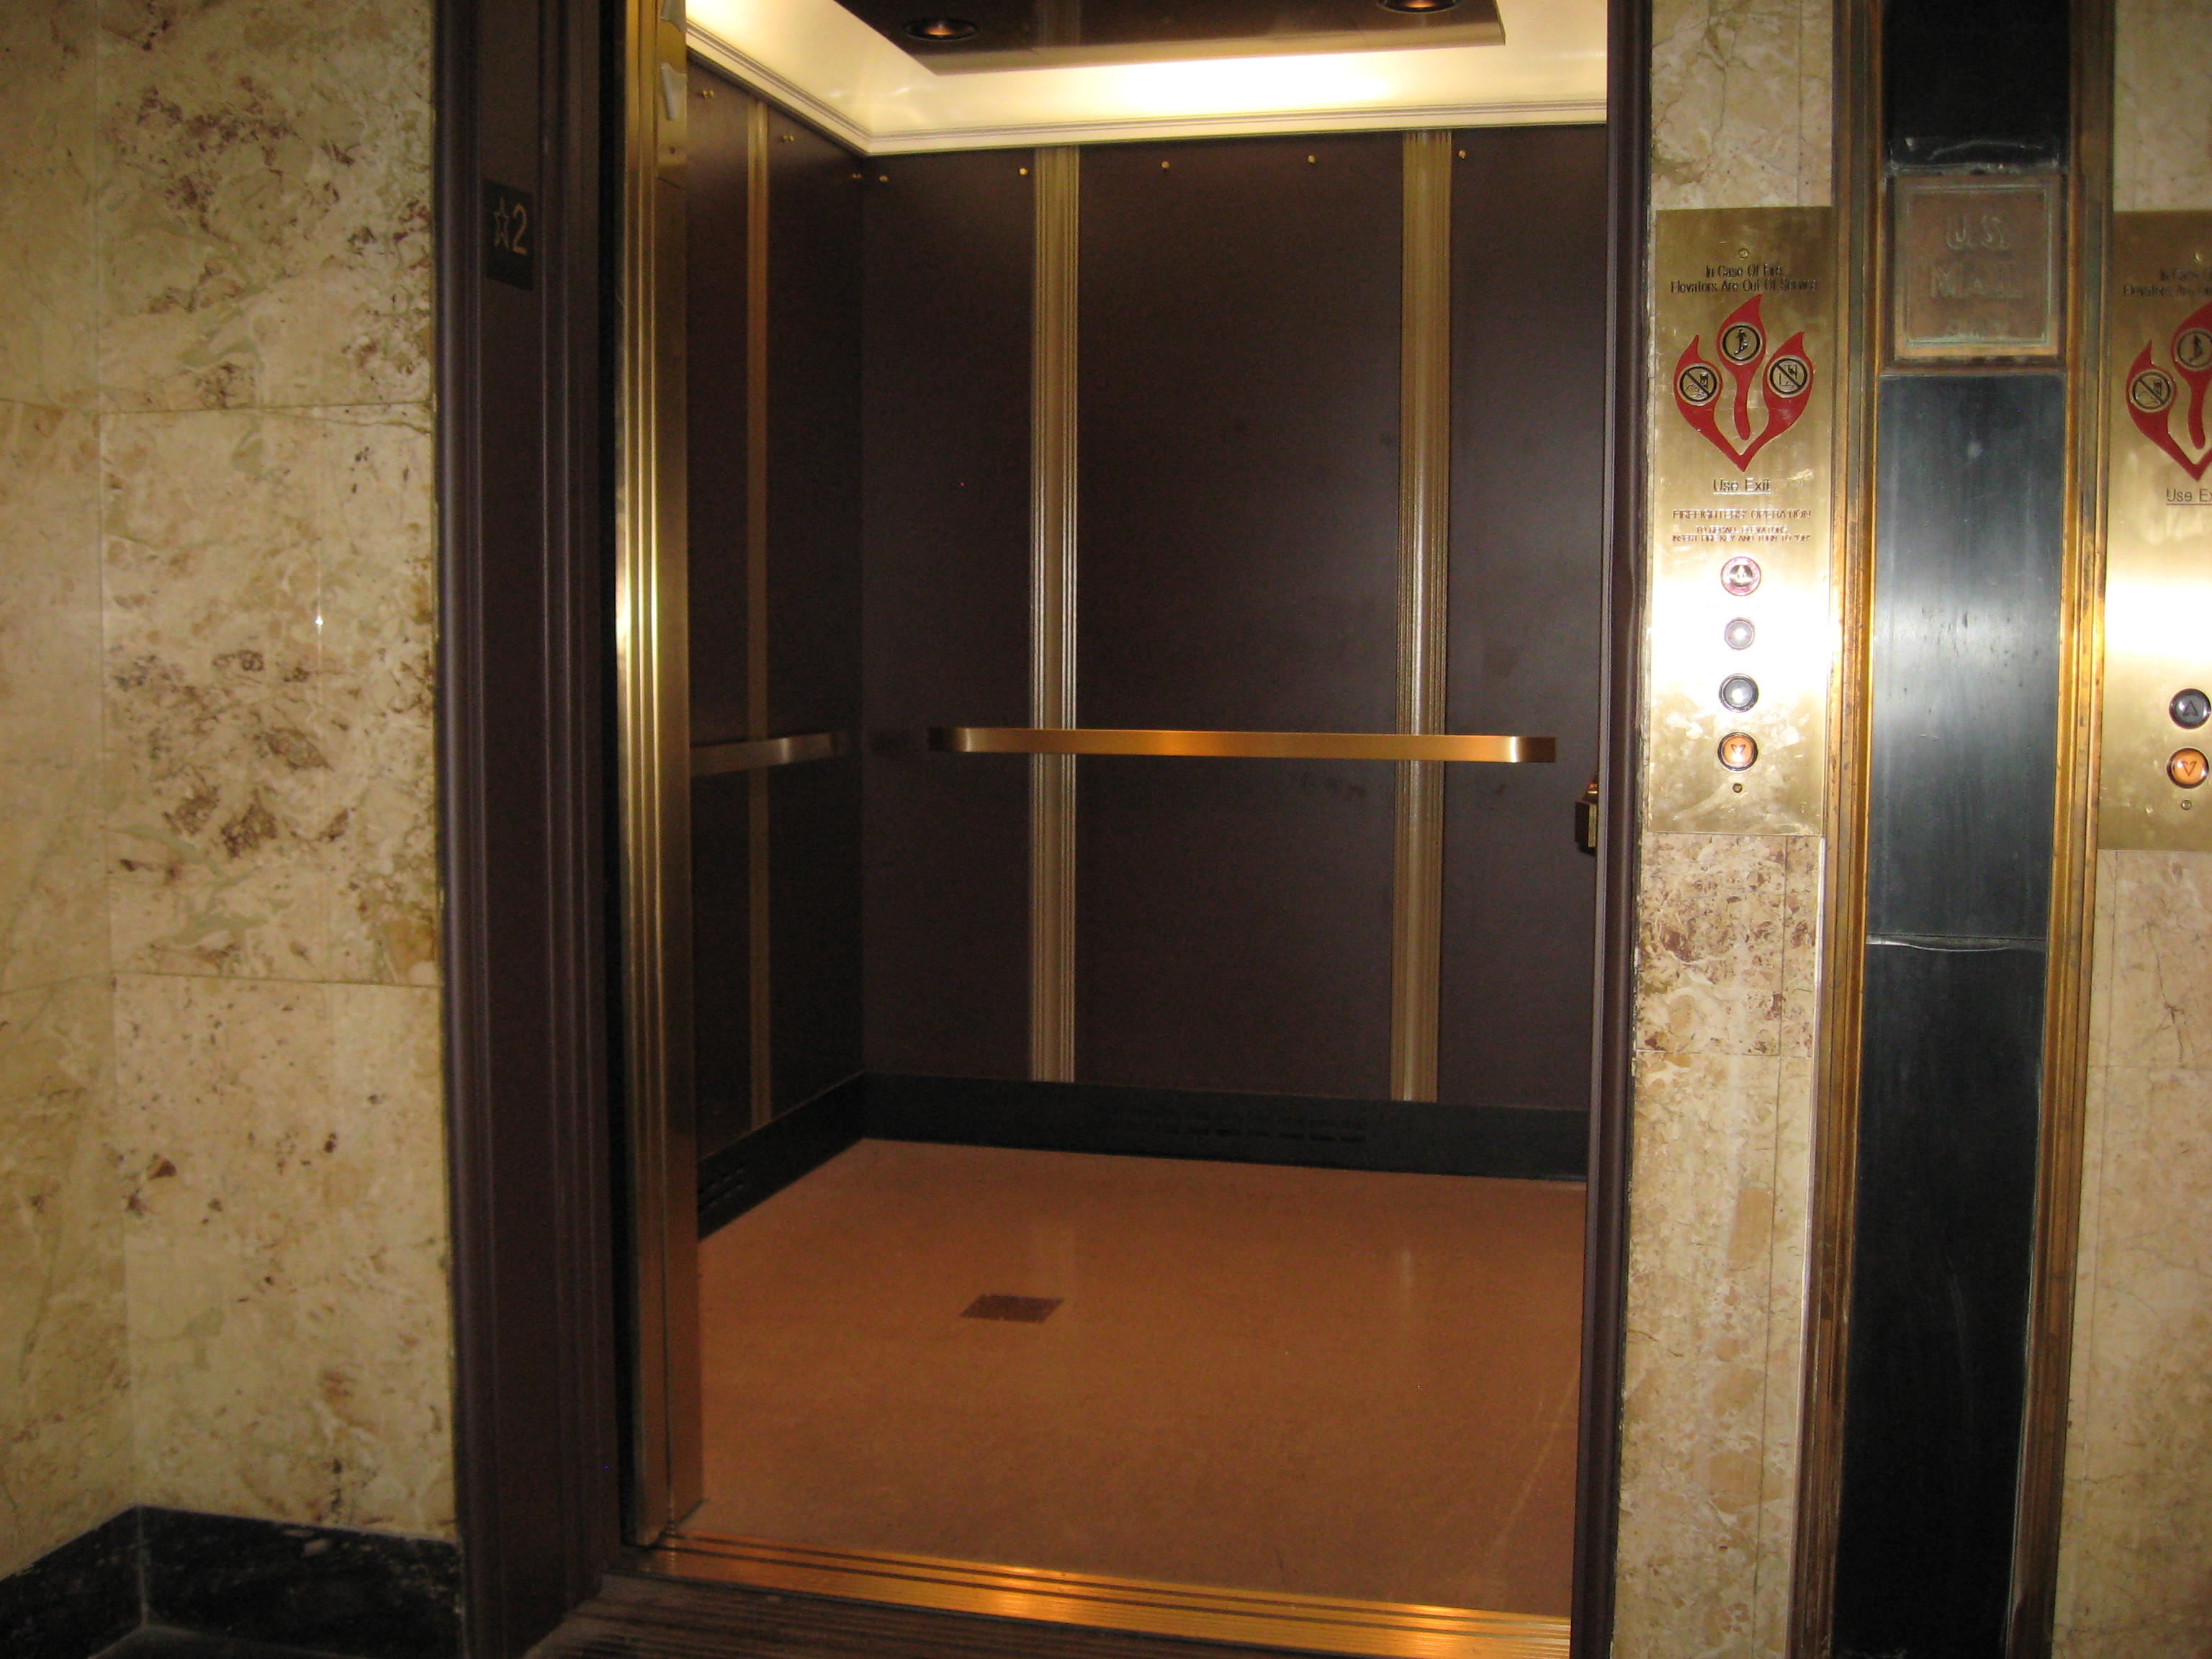 Elevator Cab Interiors